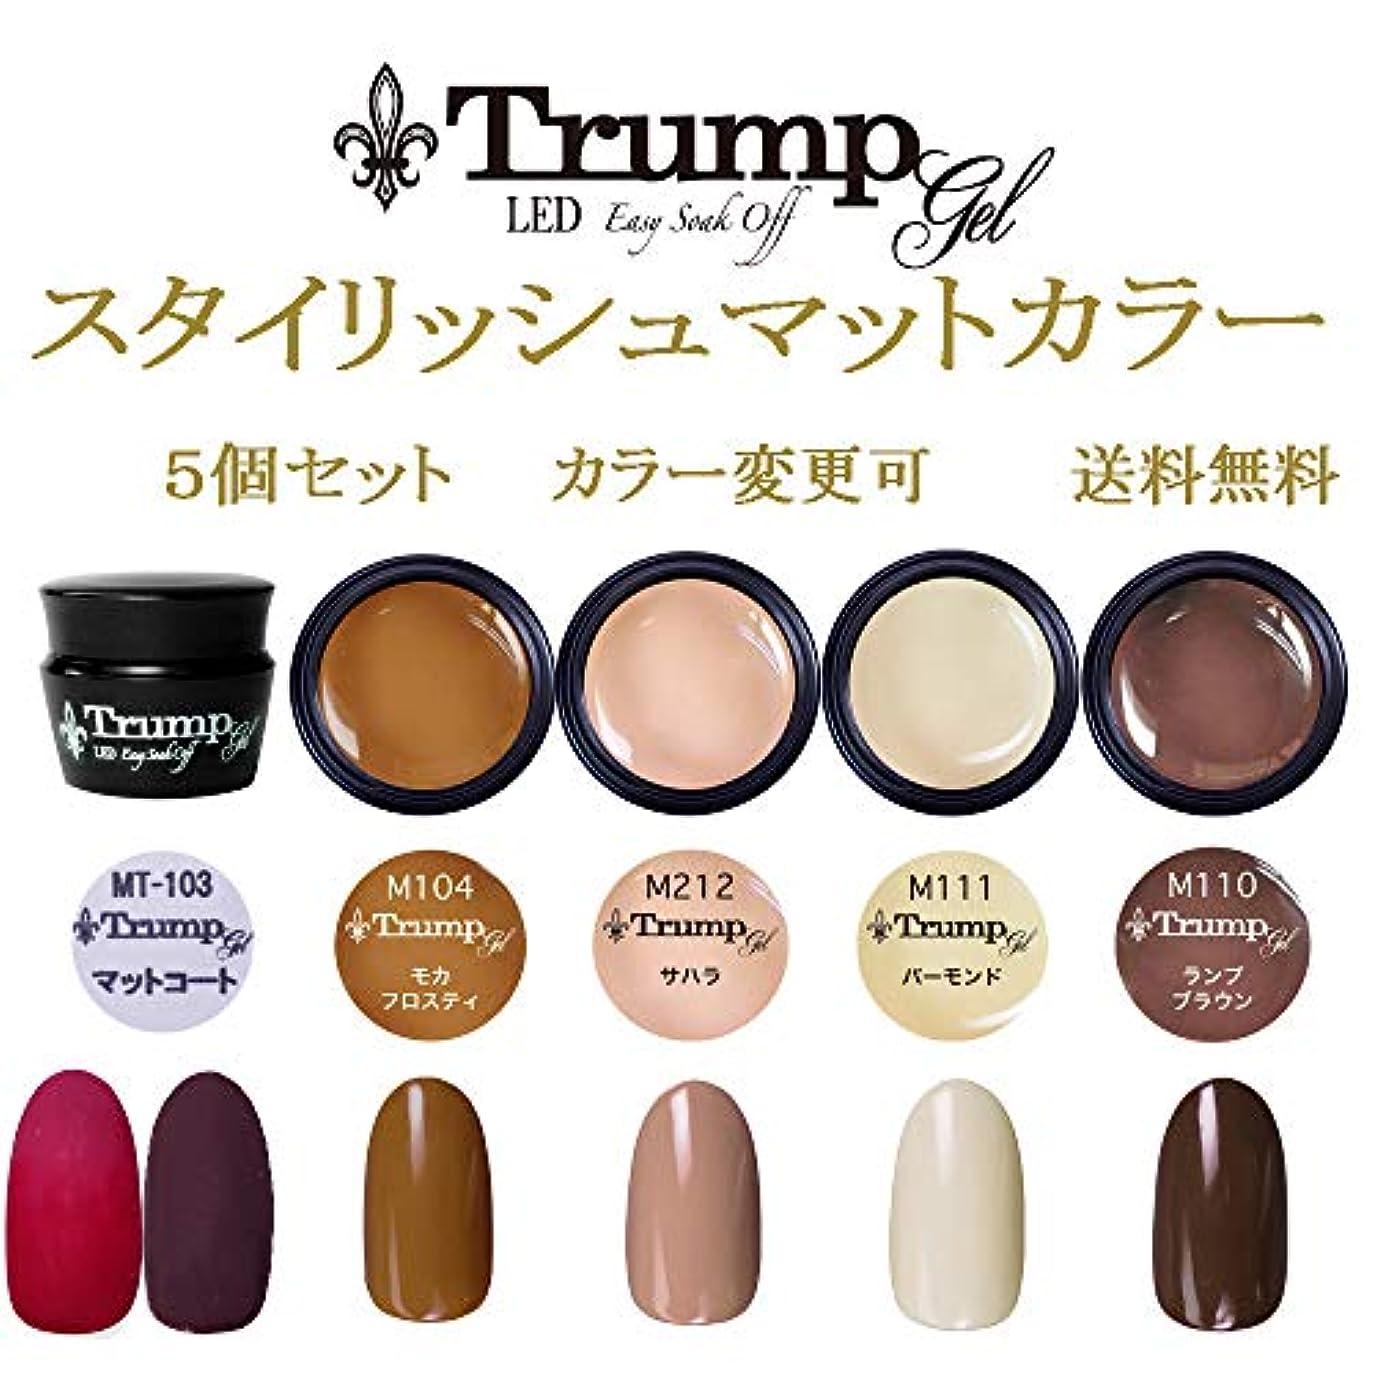 前投薬案件月曜【送料無料】日本製 Trump gel トランプジェル スタイリッシュマットカラージェル5個セット 5個セット マットカラー ベージュ ブラウン マスタード カラー